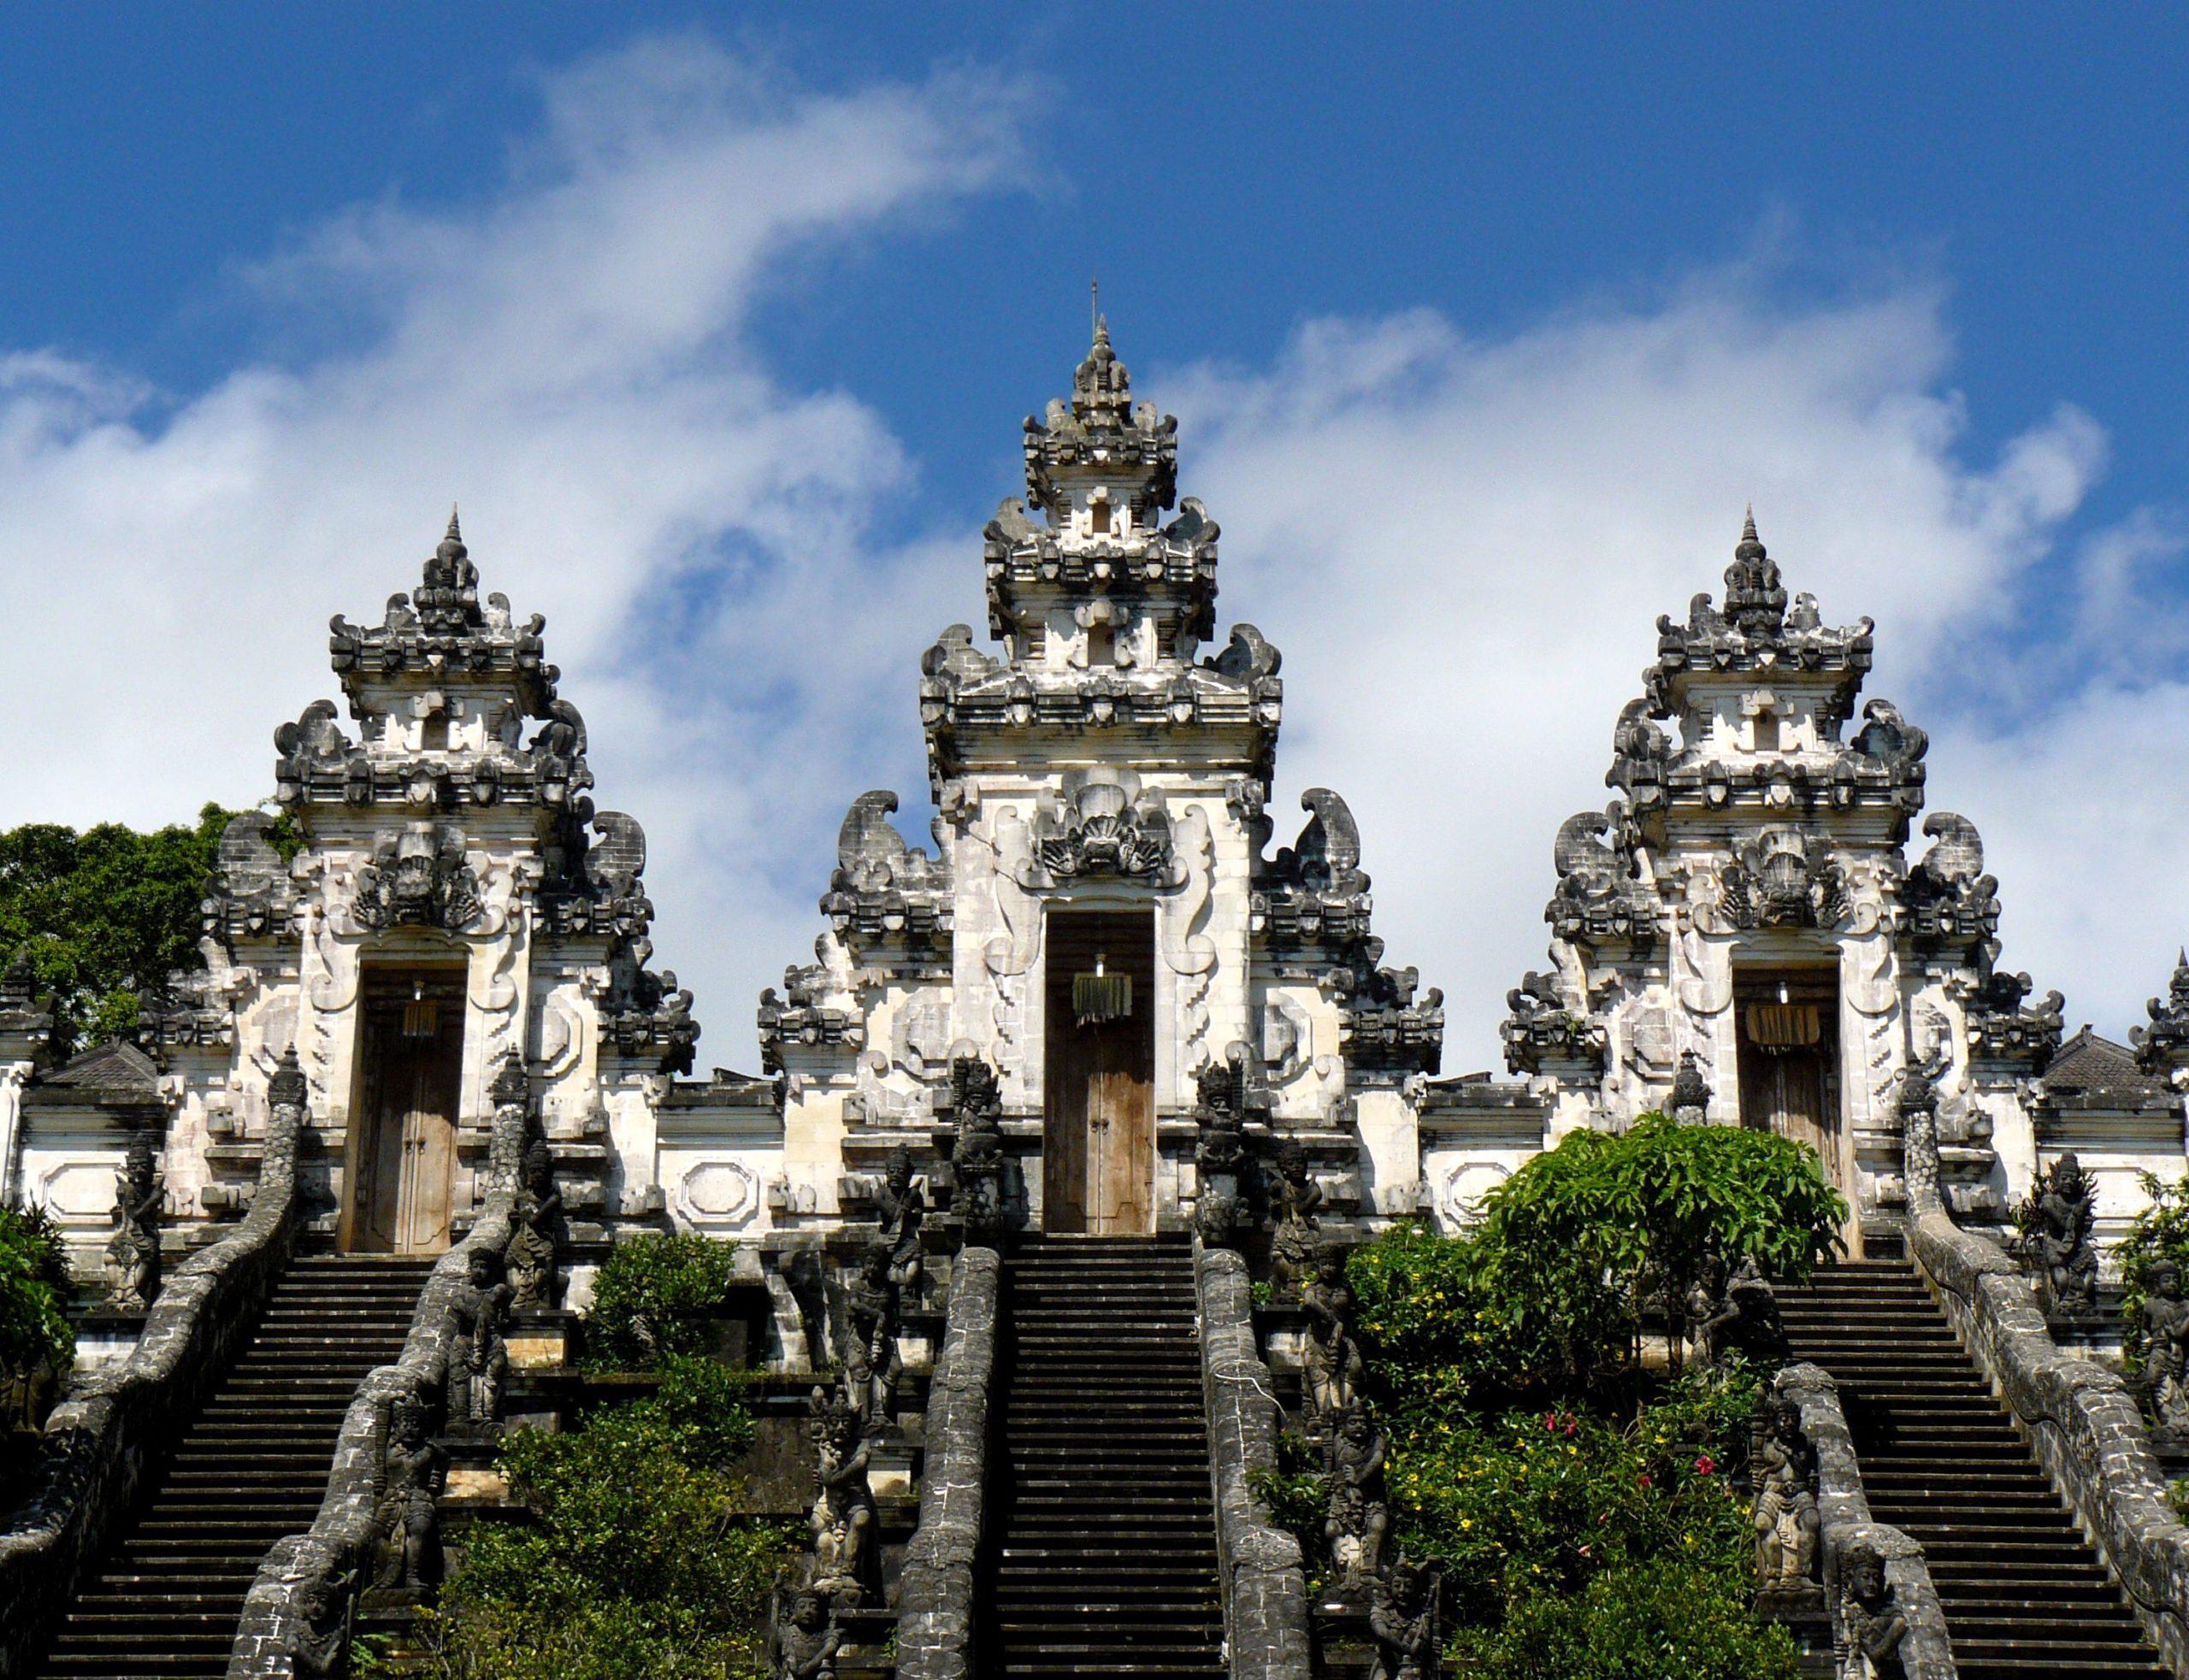 На фото храм Лемпуянг Лухур